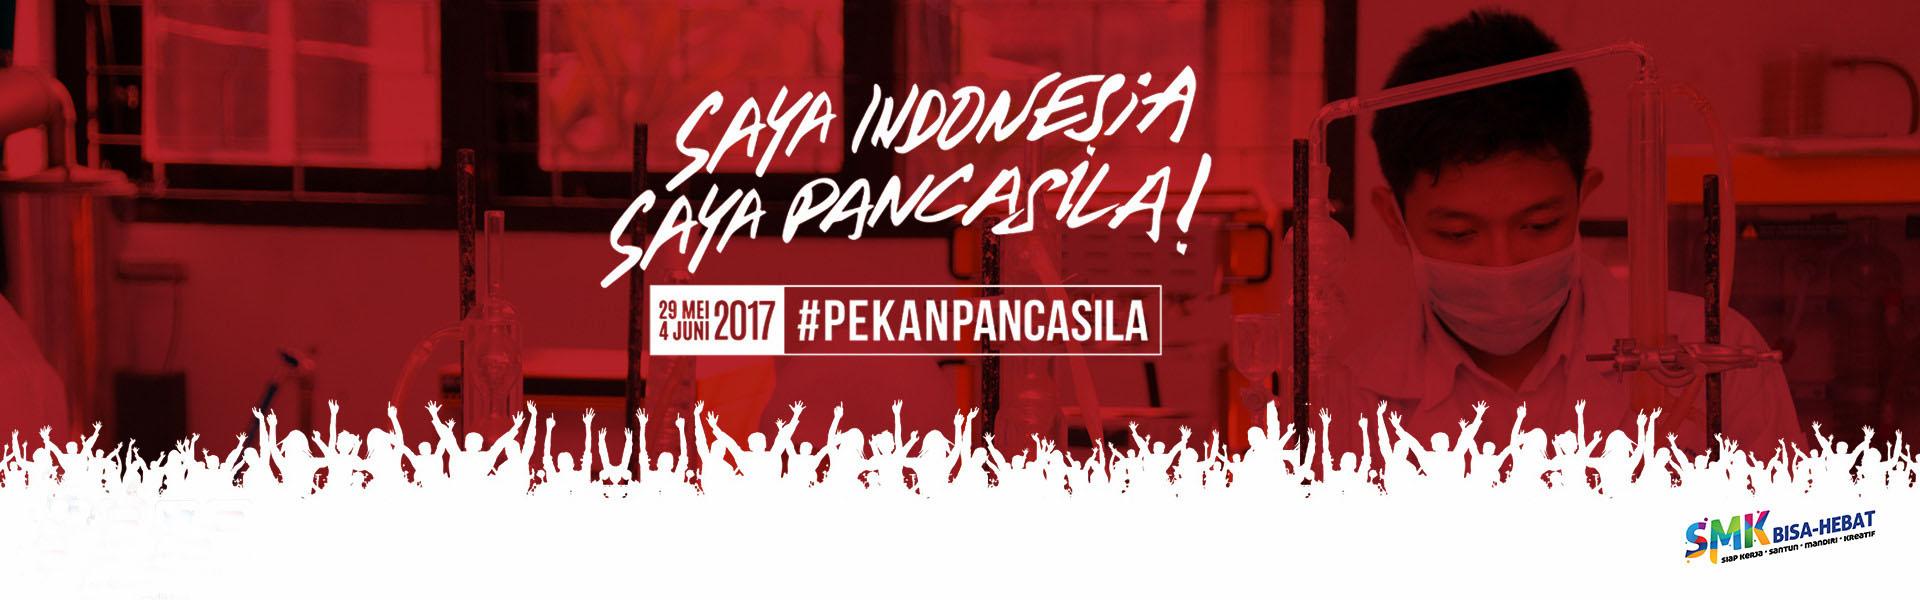 web-banner-pancasila-copyjpg_1496111379